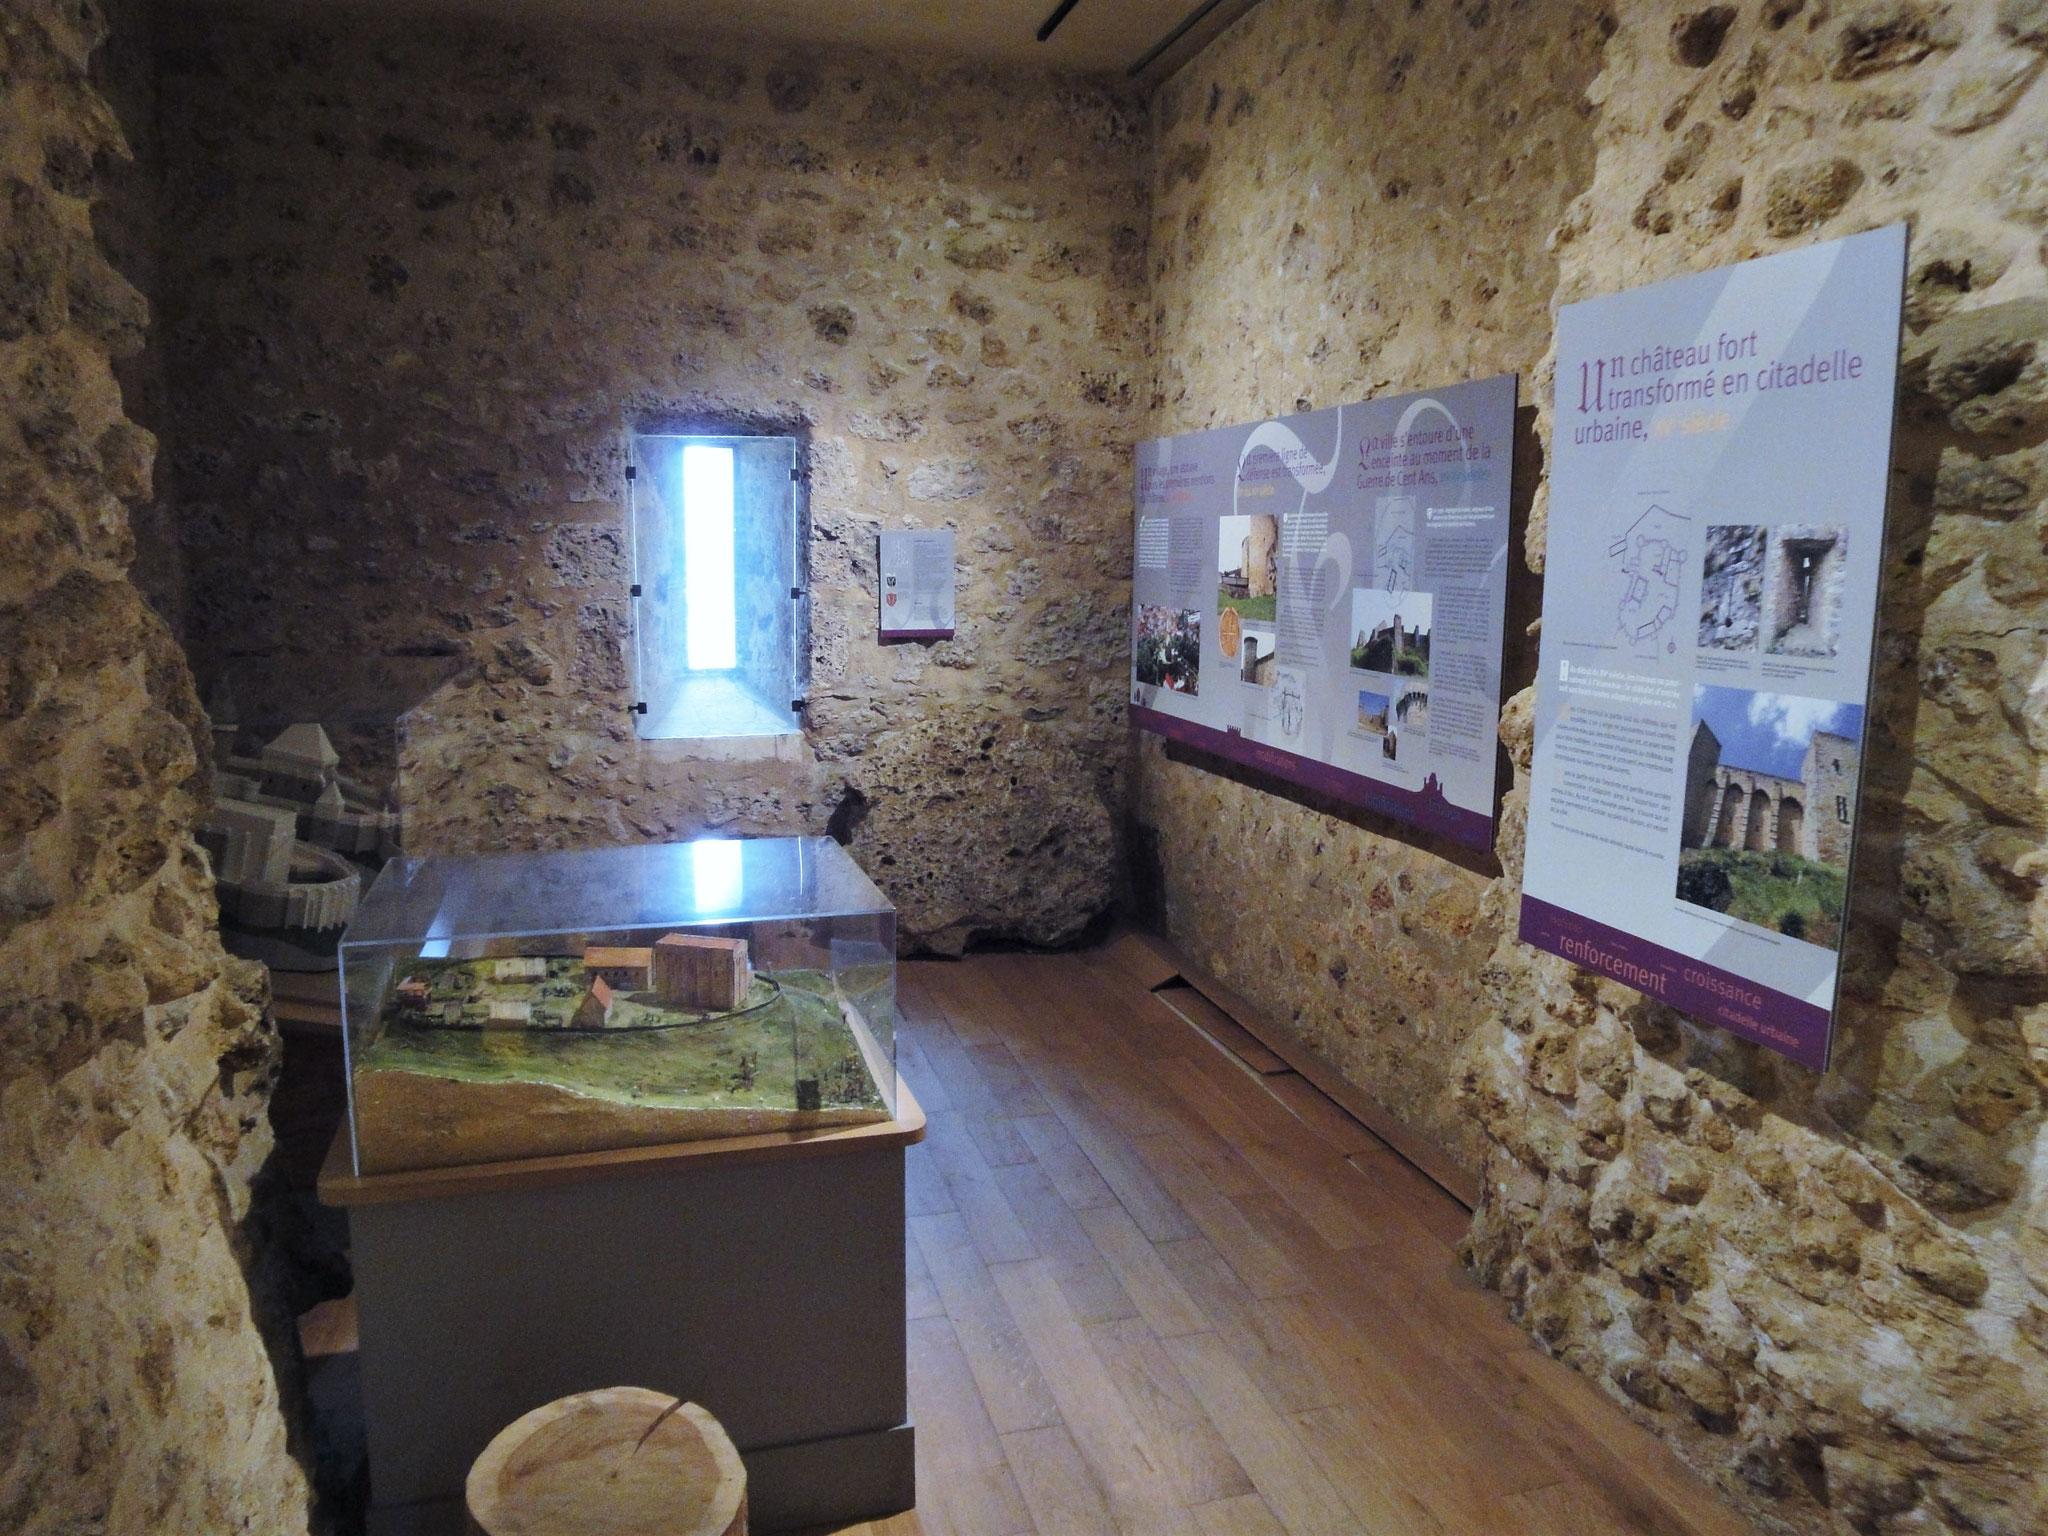 Panneaux d'information sur l'histoire du château de la Madeleine.